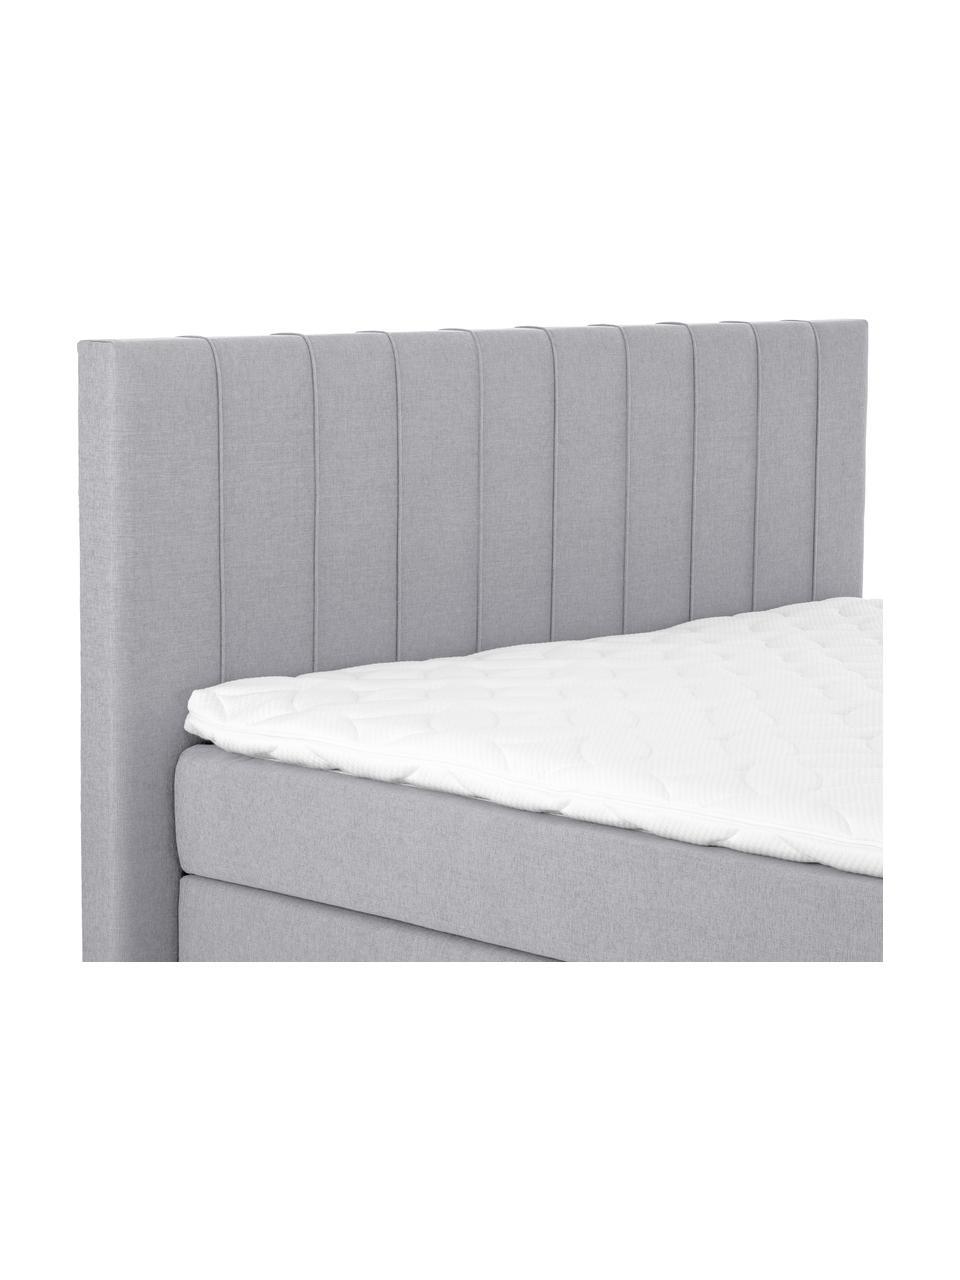 Łóżko kontynentalne premium Lacey, Nogi: lite drewno bukowe, lakie, Szary, 200 x 200 cm